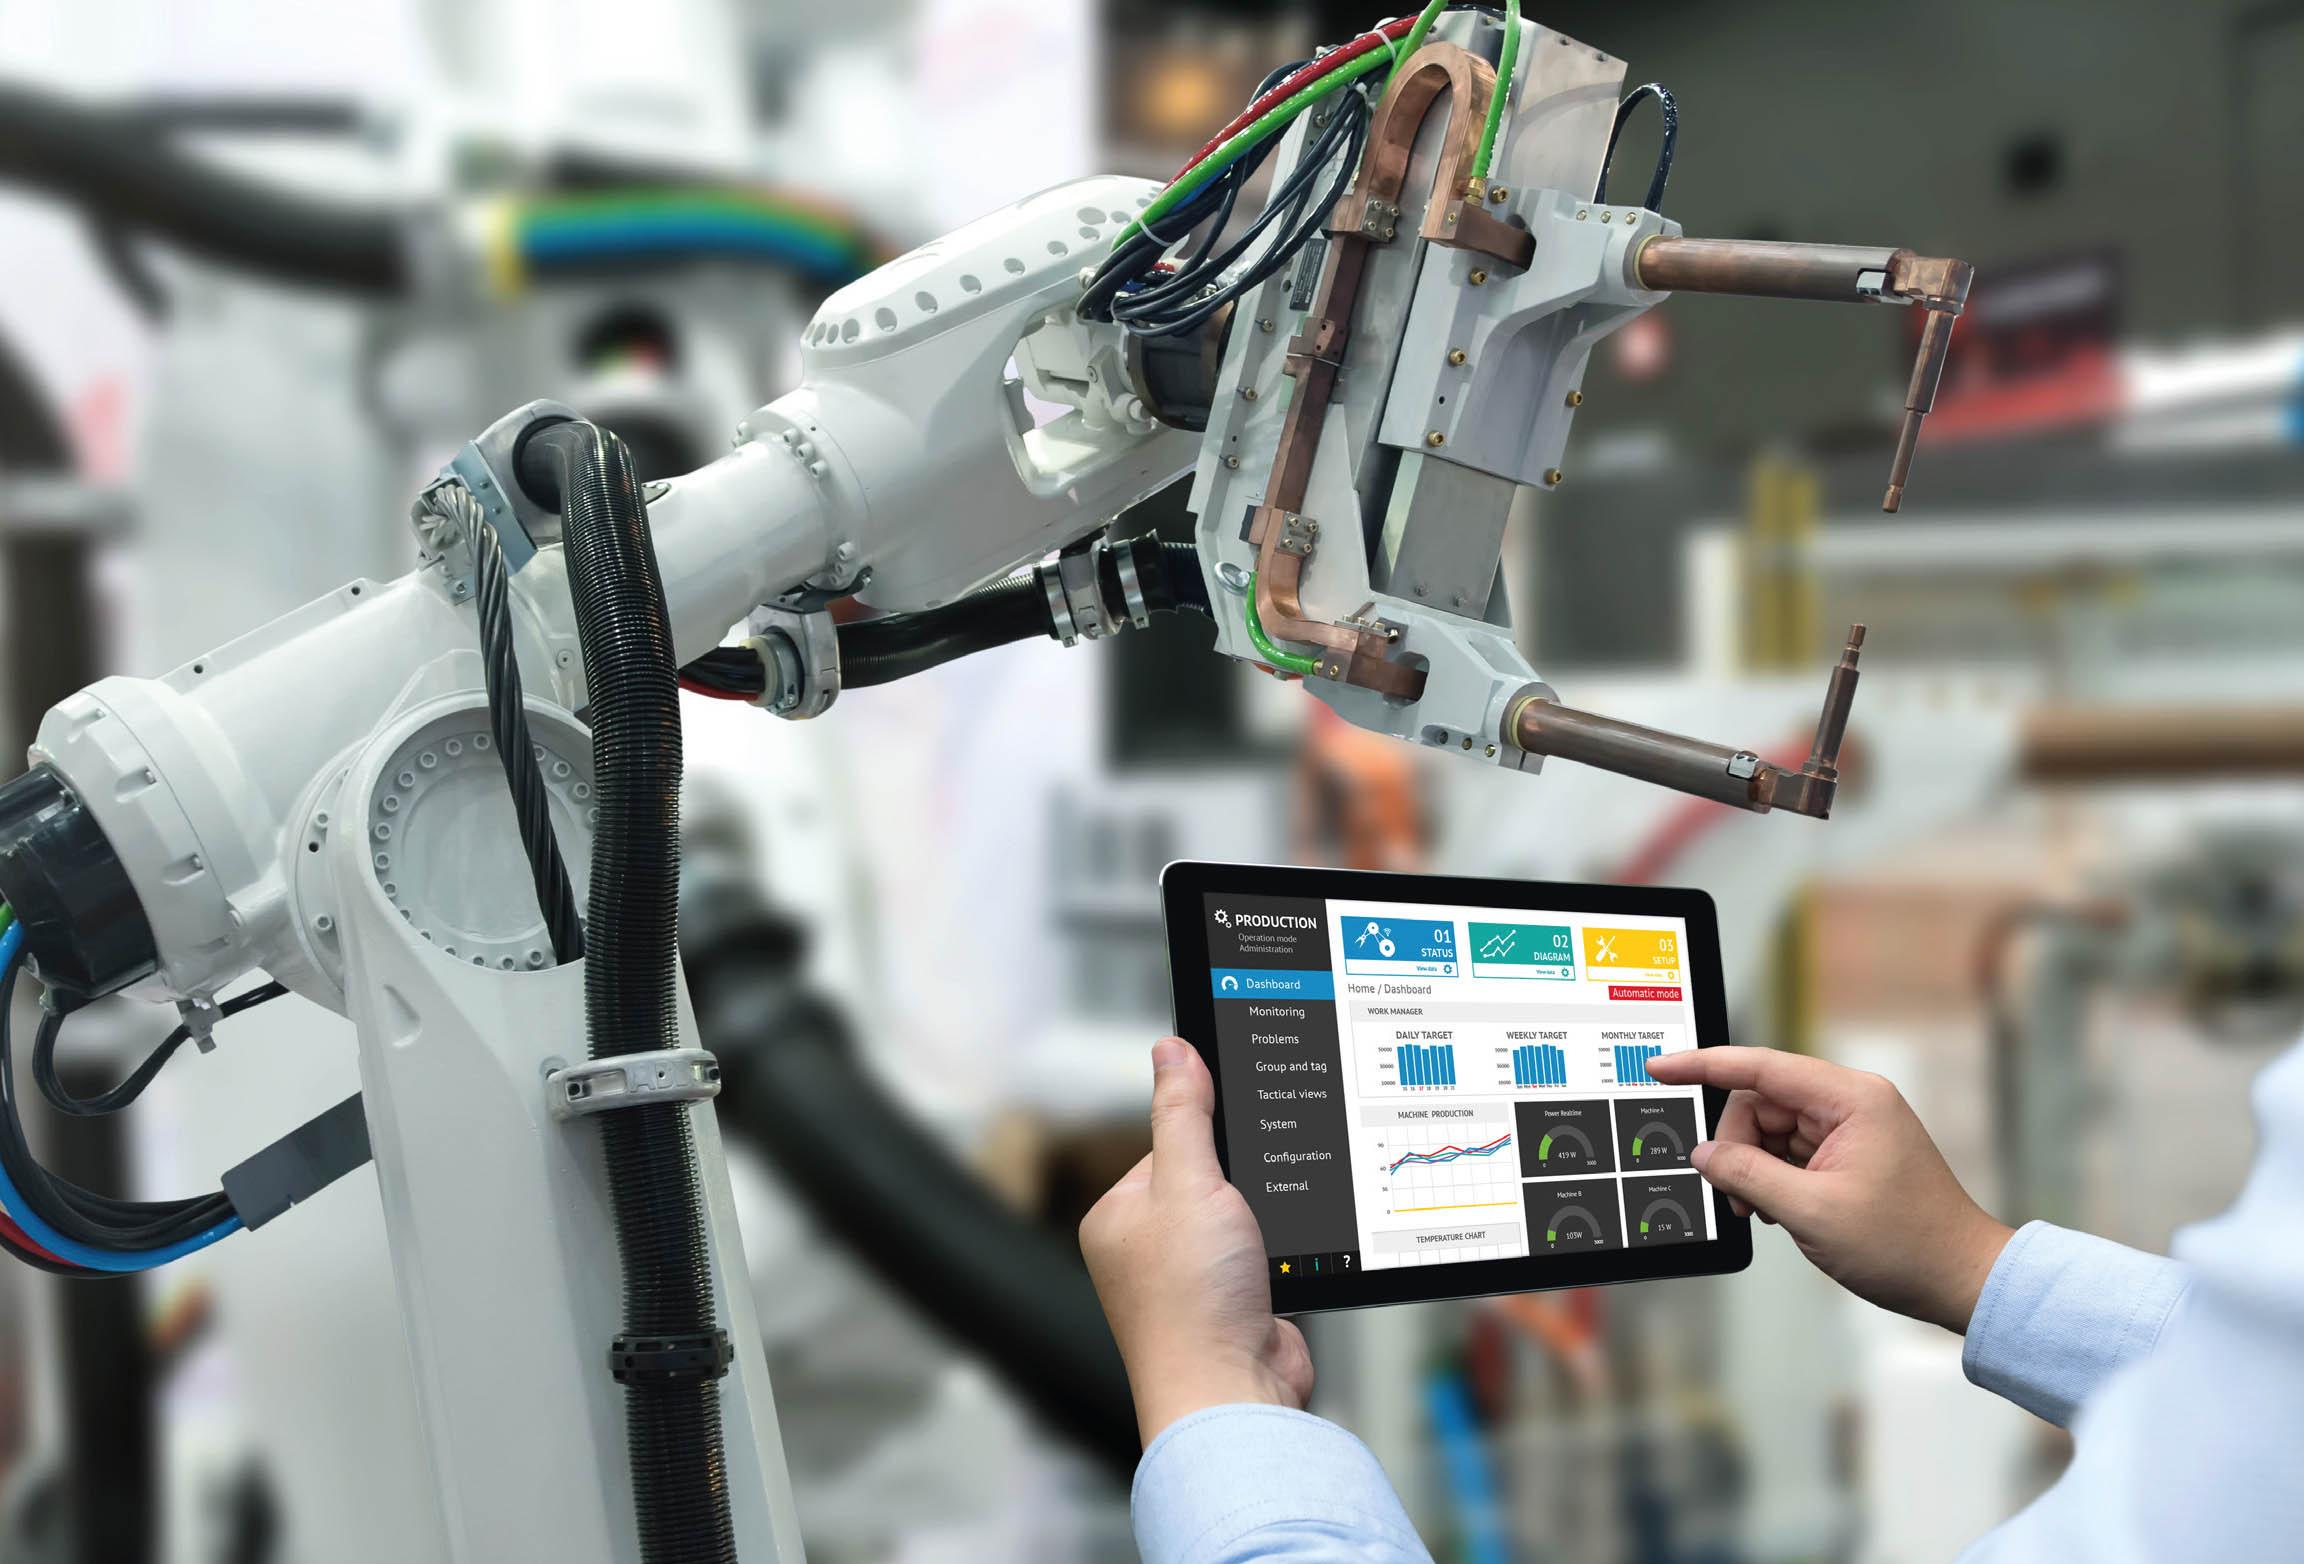 Bilden visar operatör som programmerar en industrirobot